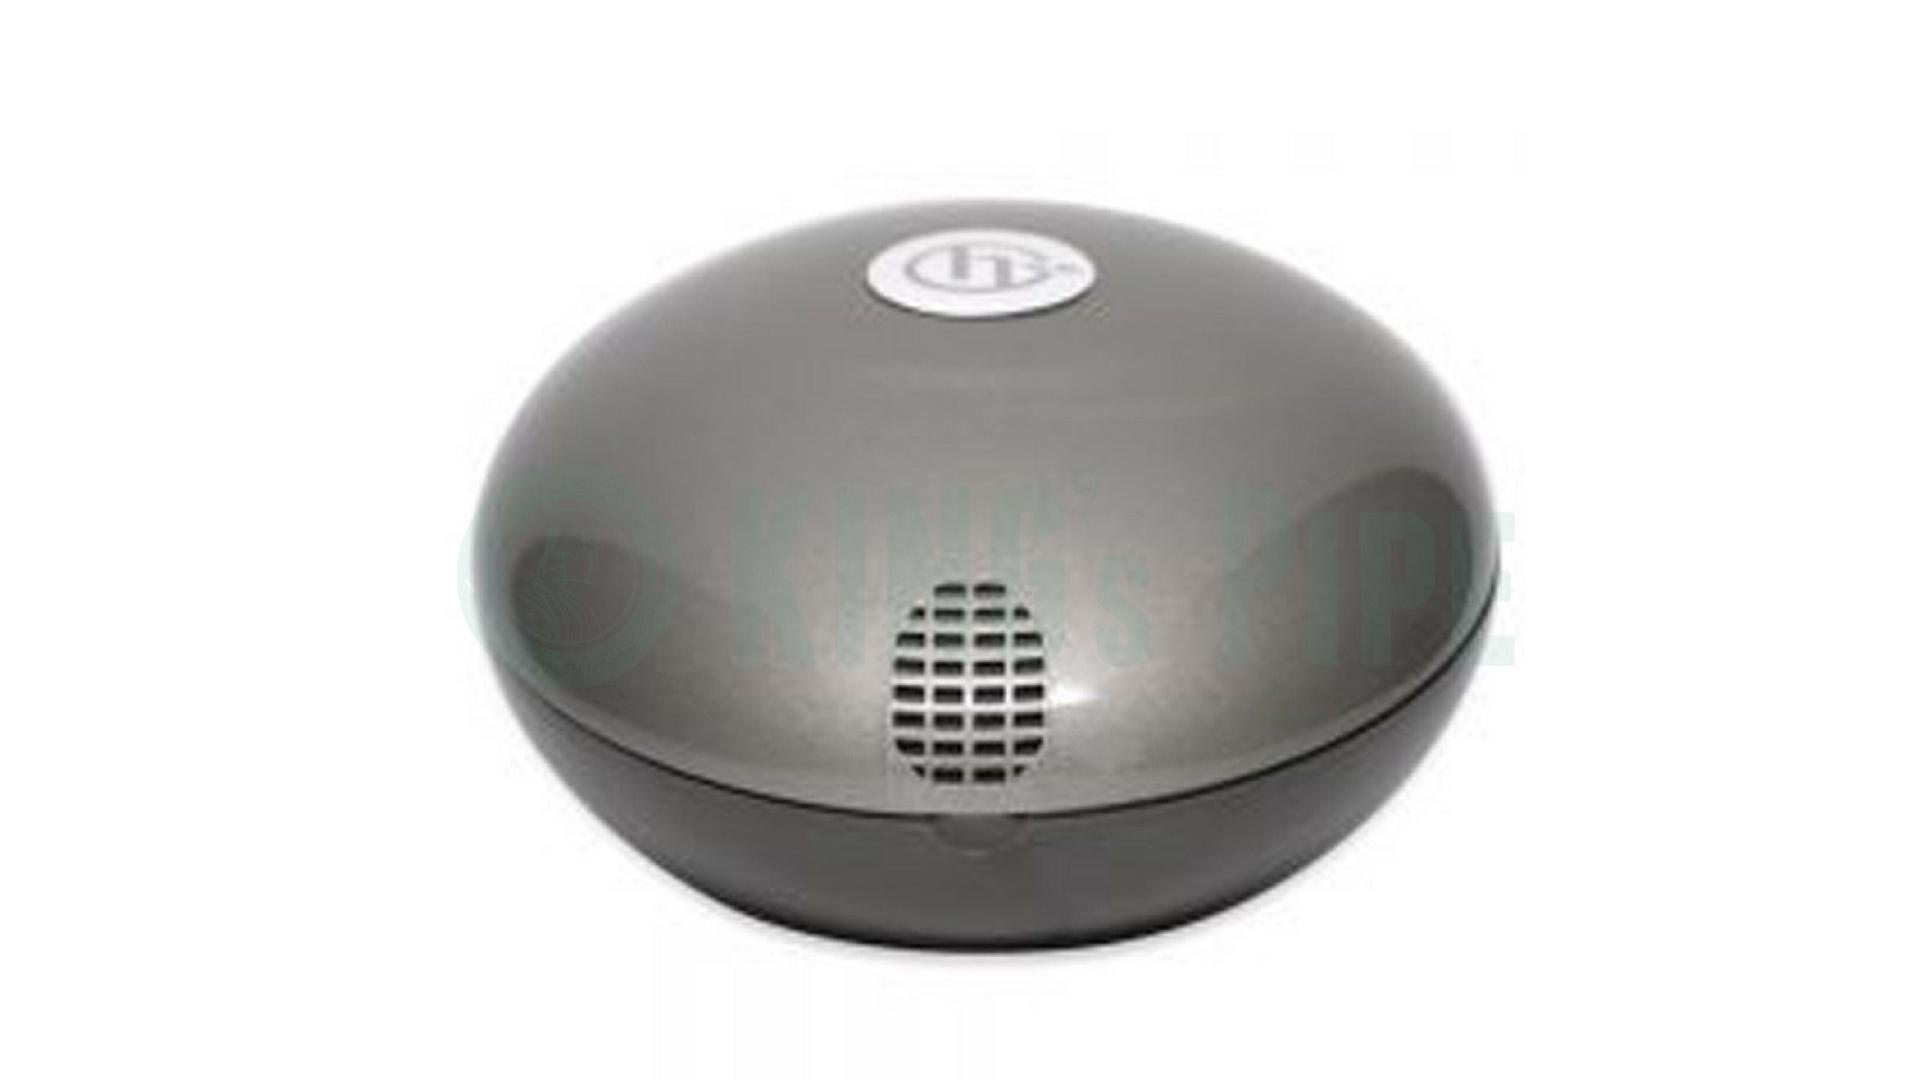 herbalizer desktop vaporizer